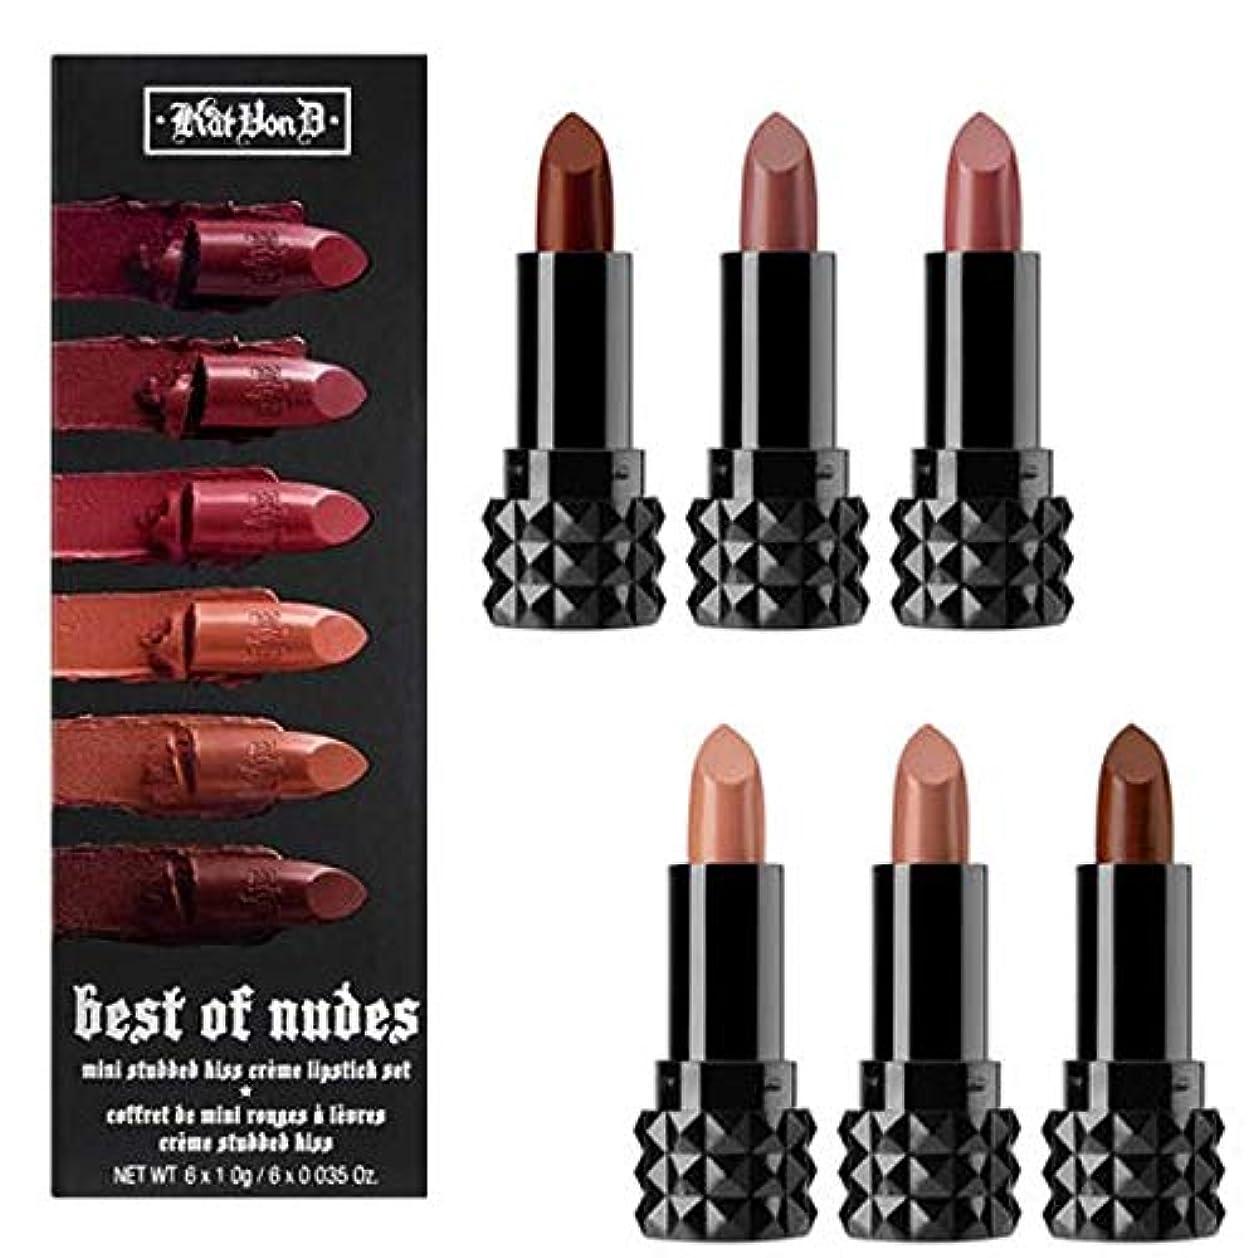 分離するシチリア馬力Kat Von D キャットヴォンD, 限定版 Best of Nudes Mini ミニ Studded Kiss Crème Lipstick Set [並行輸入品] [海外直送品]